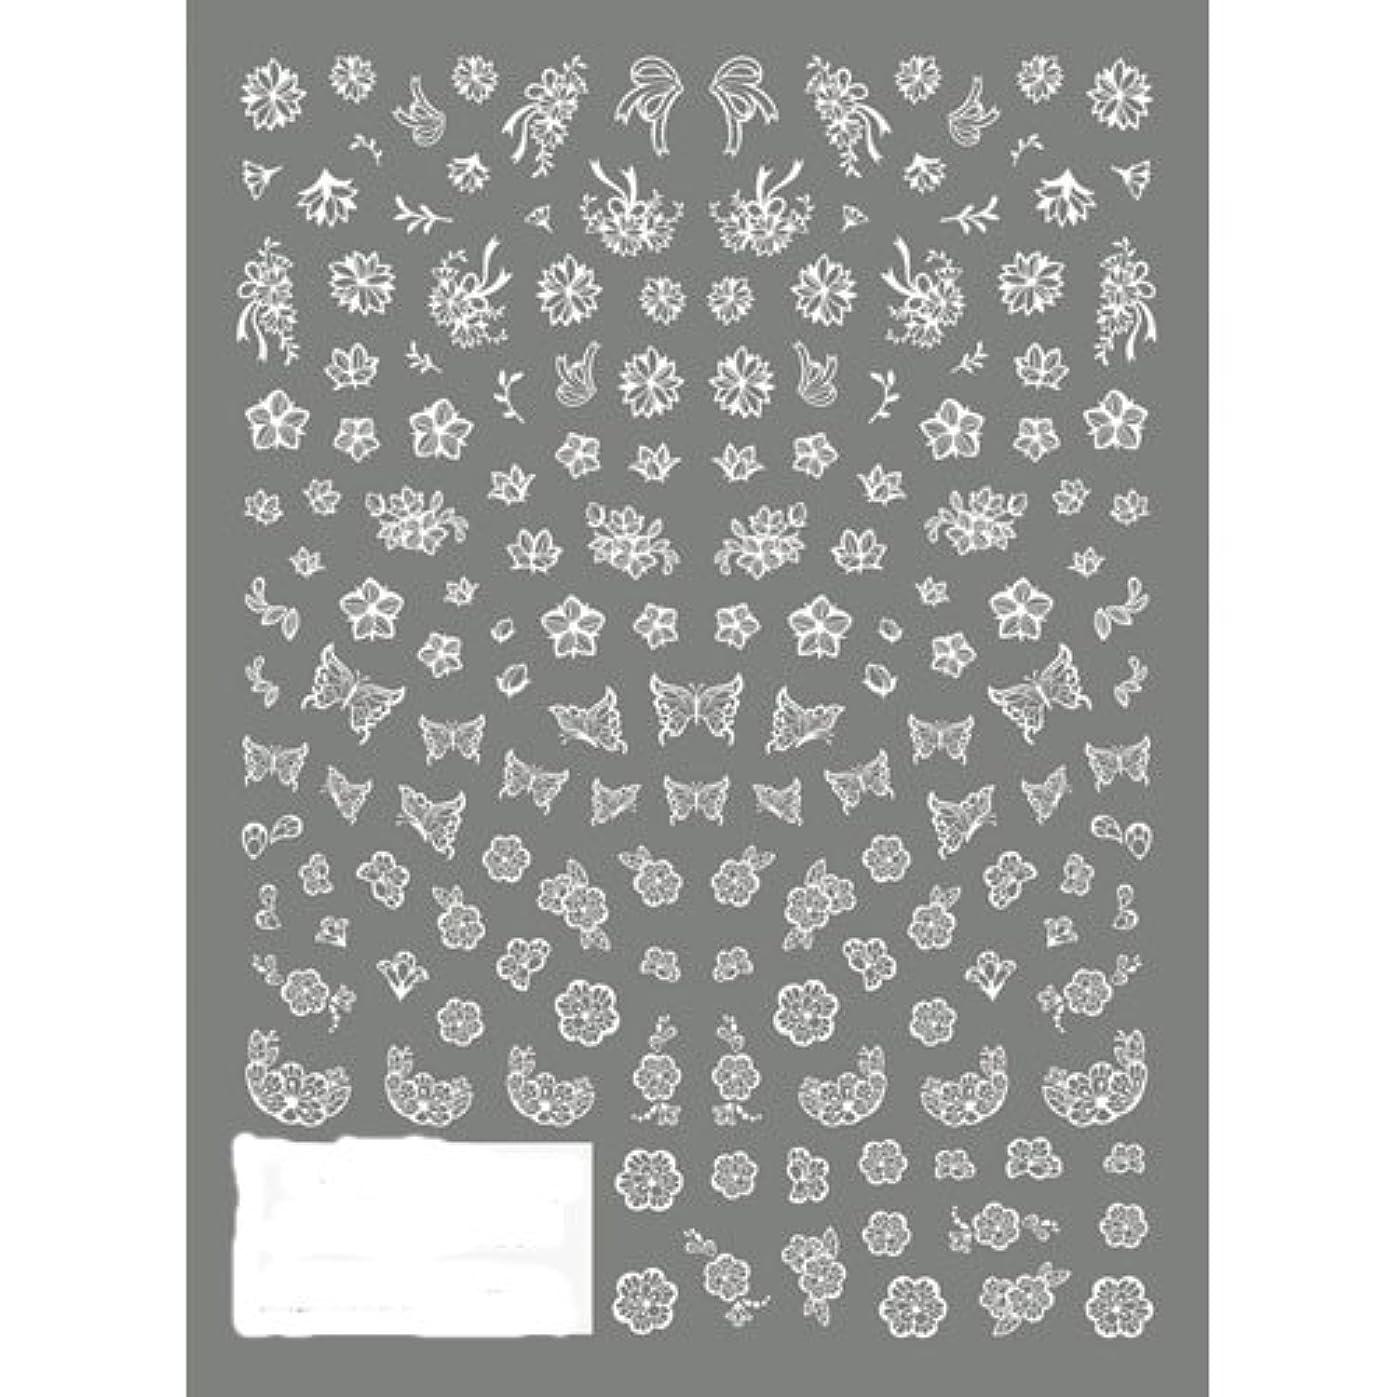 こっそり金曜日ニンニクTSUMEKIRA(ツメキラ) ネイルシール 切り絵 フラワー&バタフライ ホワイト NN-KRE-201